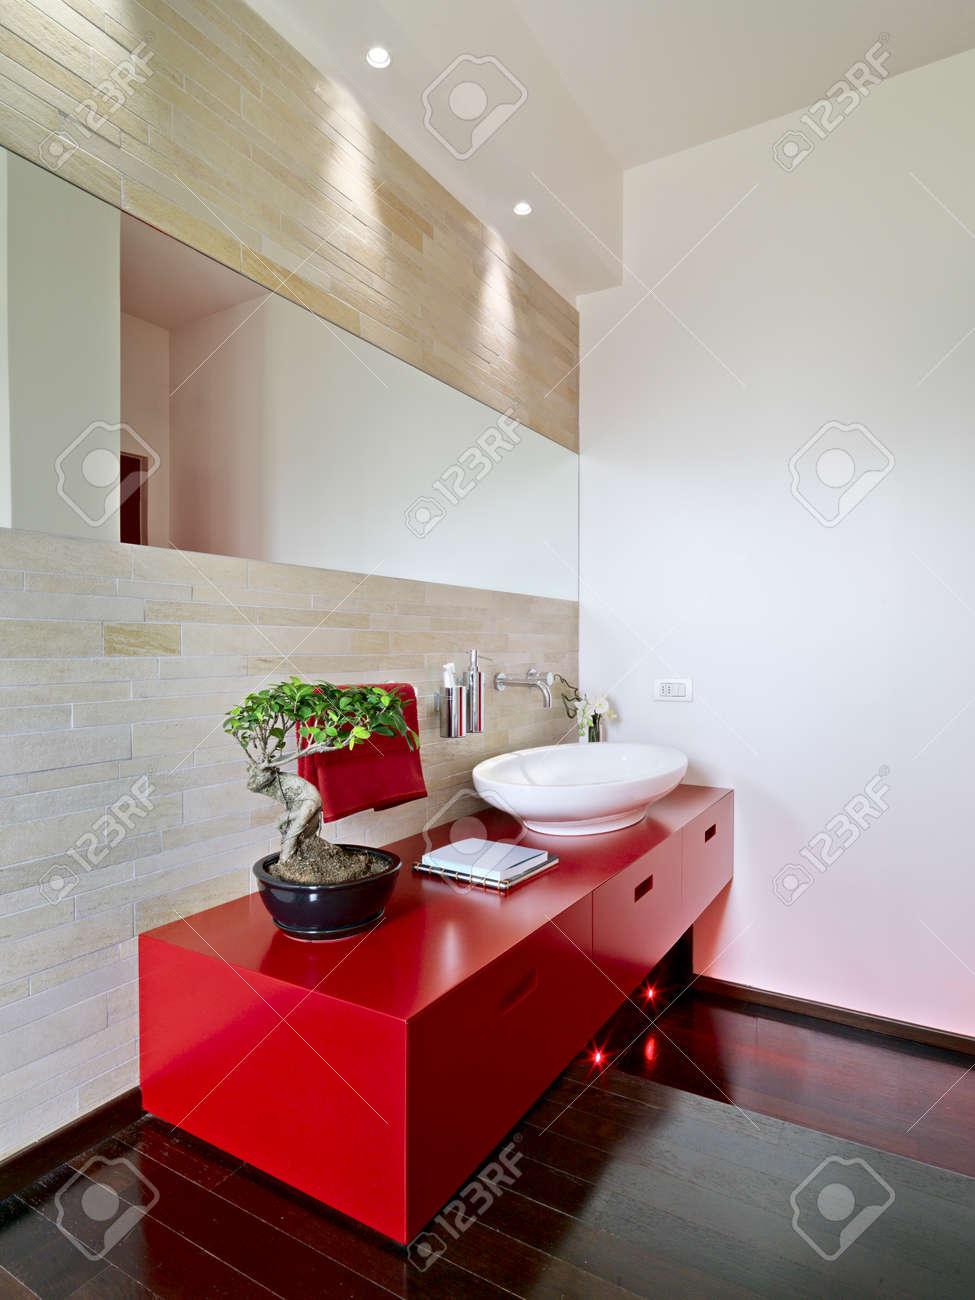 Moderne Rote Möbel Für Waschbecken Und Holzboden Im Badezimmer ...